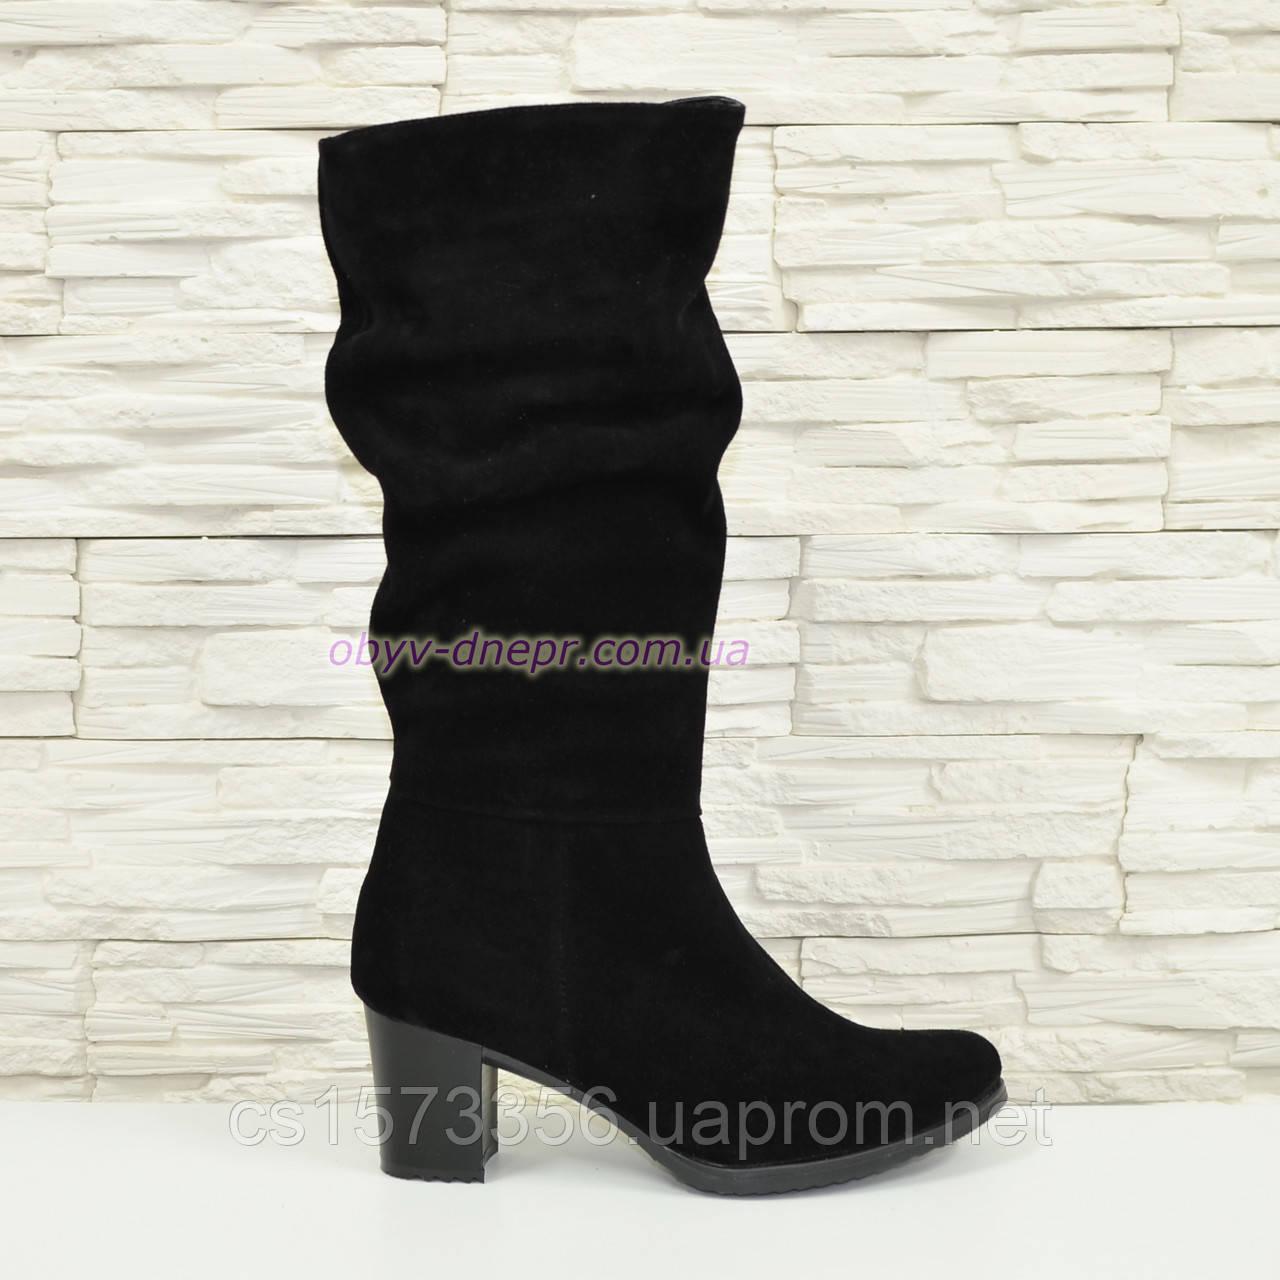 Сапоги демисезонные женские на устойчивом каблуке, натуральная черная замша.